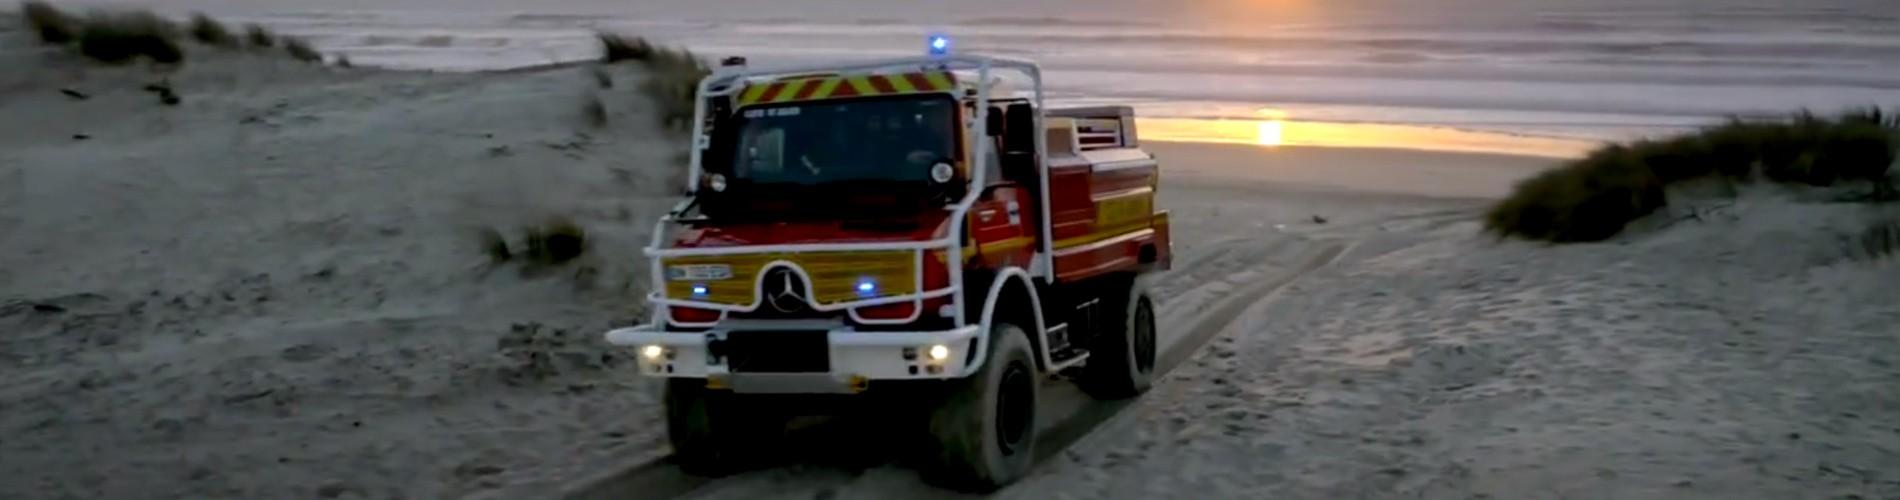 Mercedes Unimog - Contis-Plage